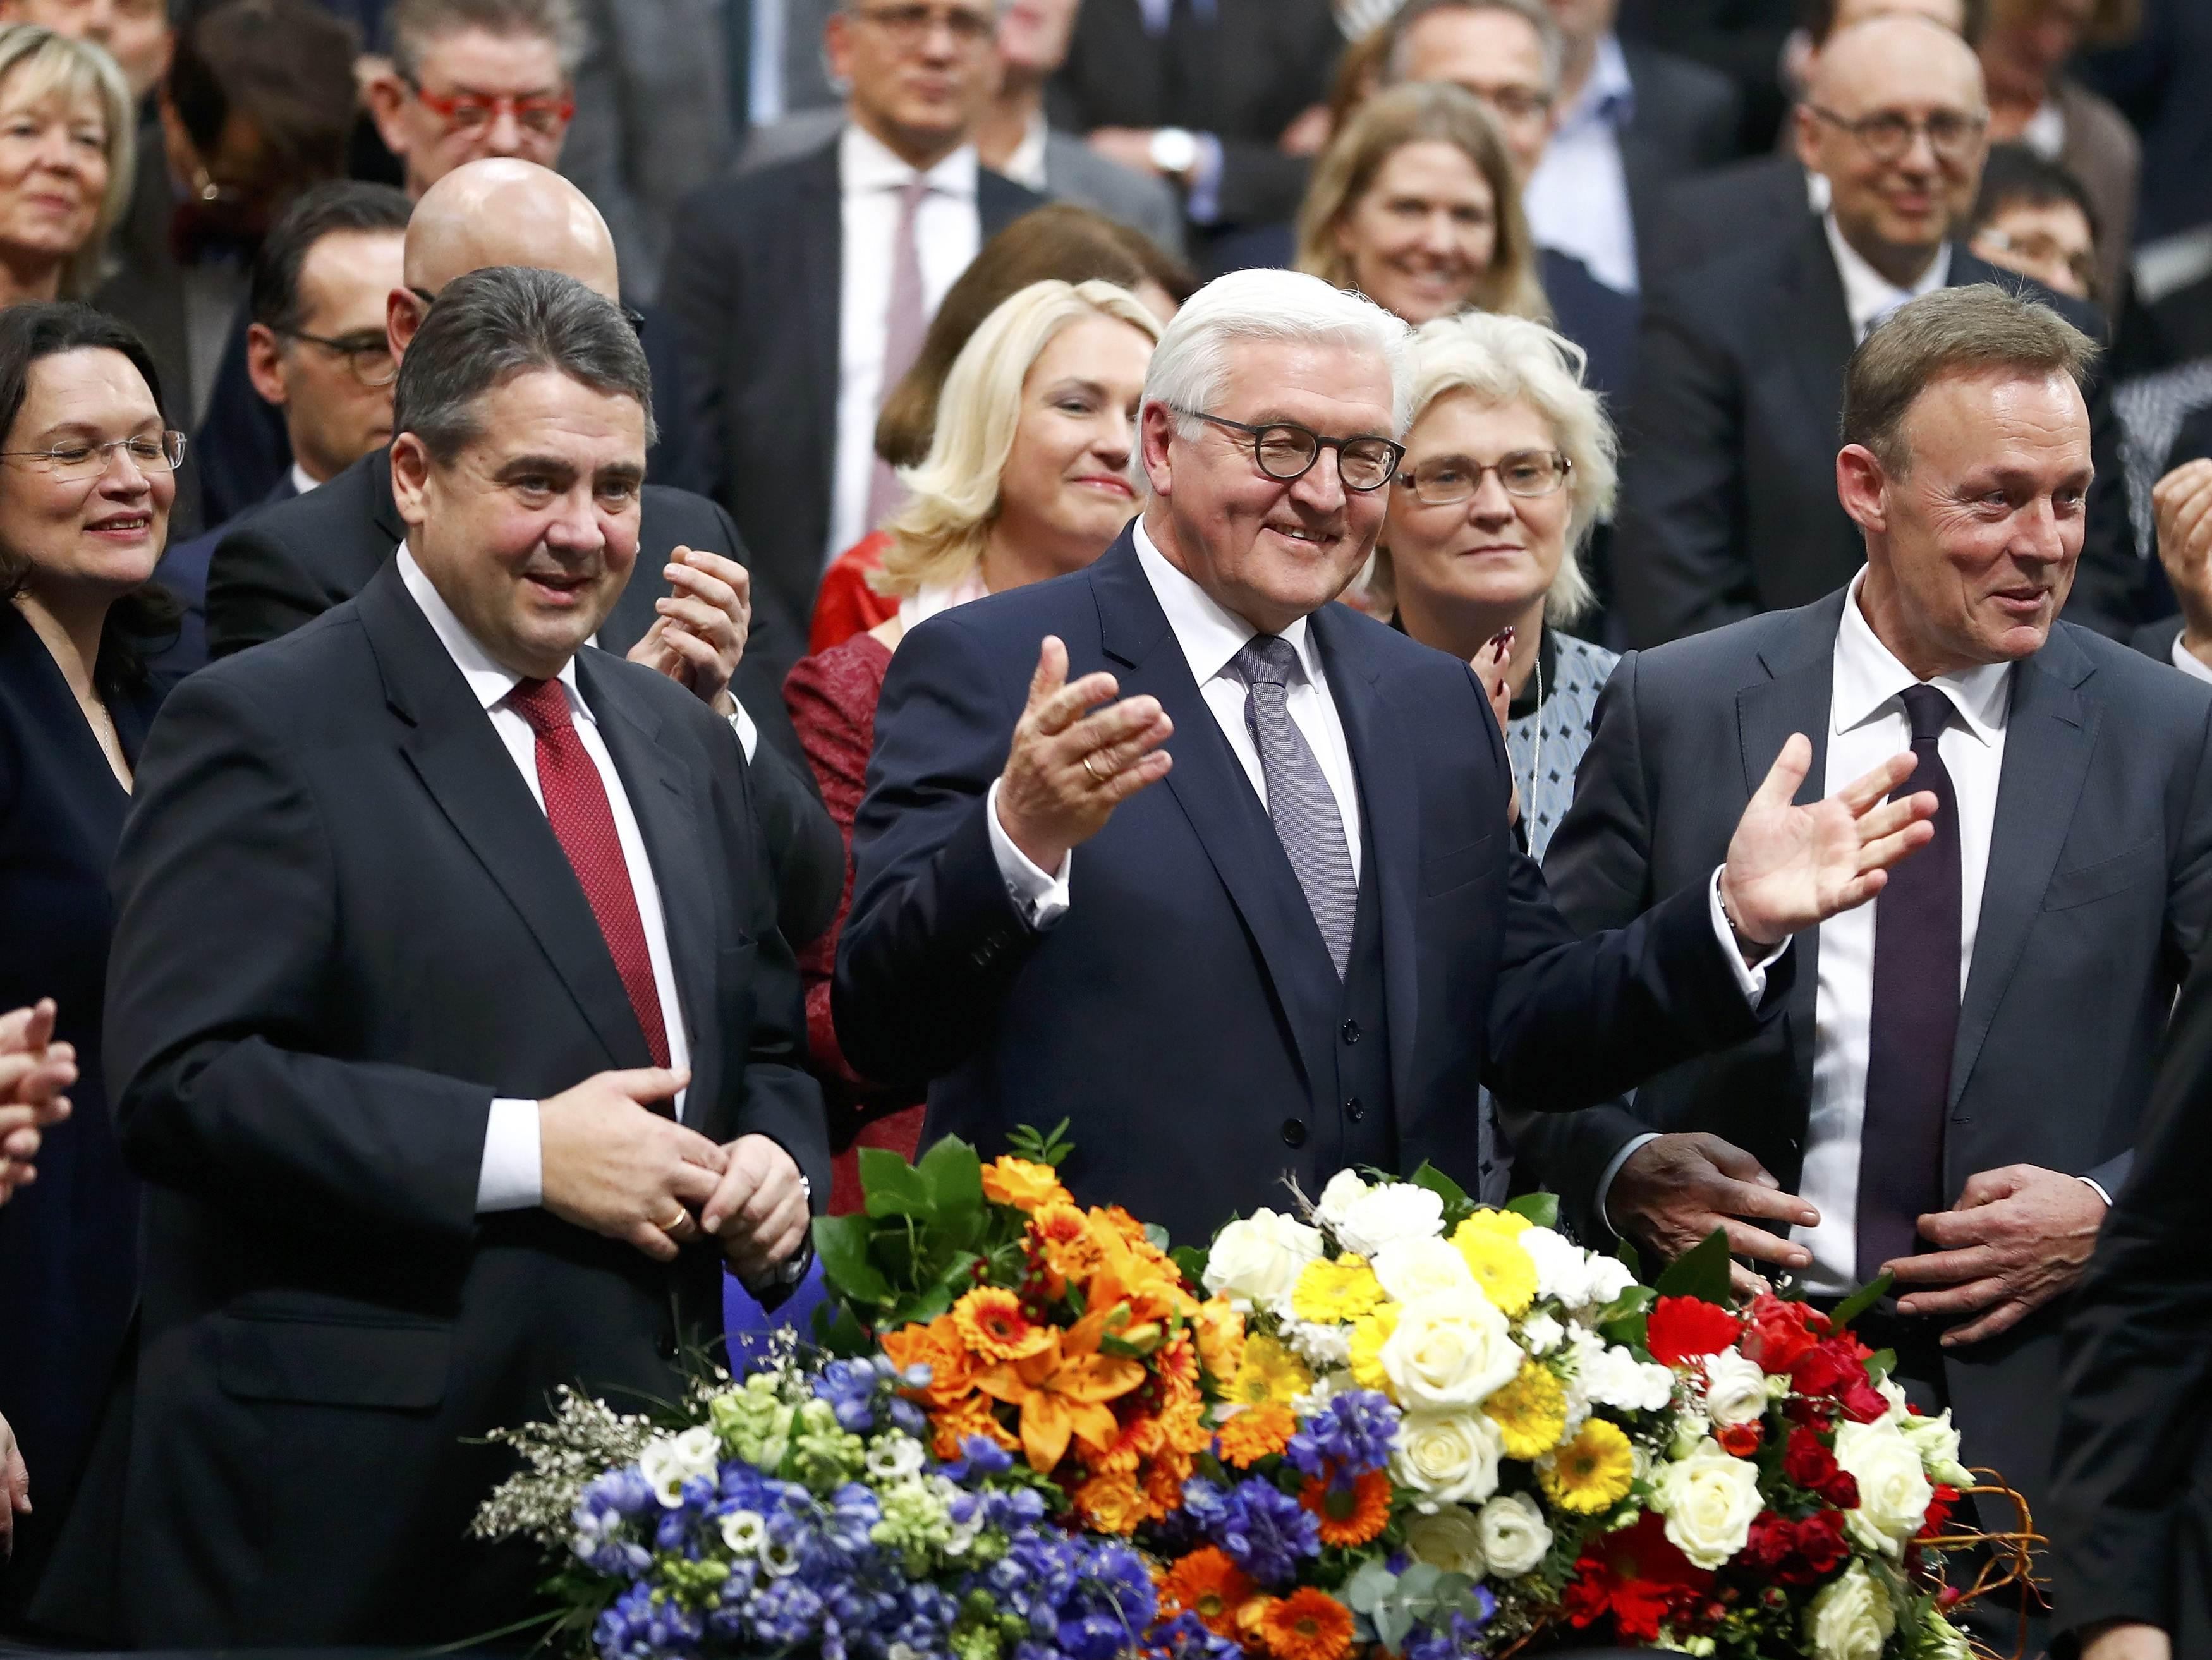 شتاينماير الرئيس الألمانى الجديد